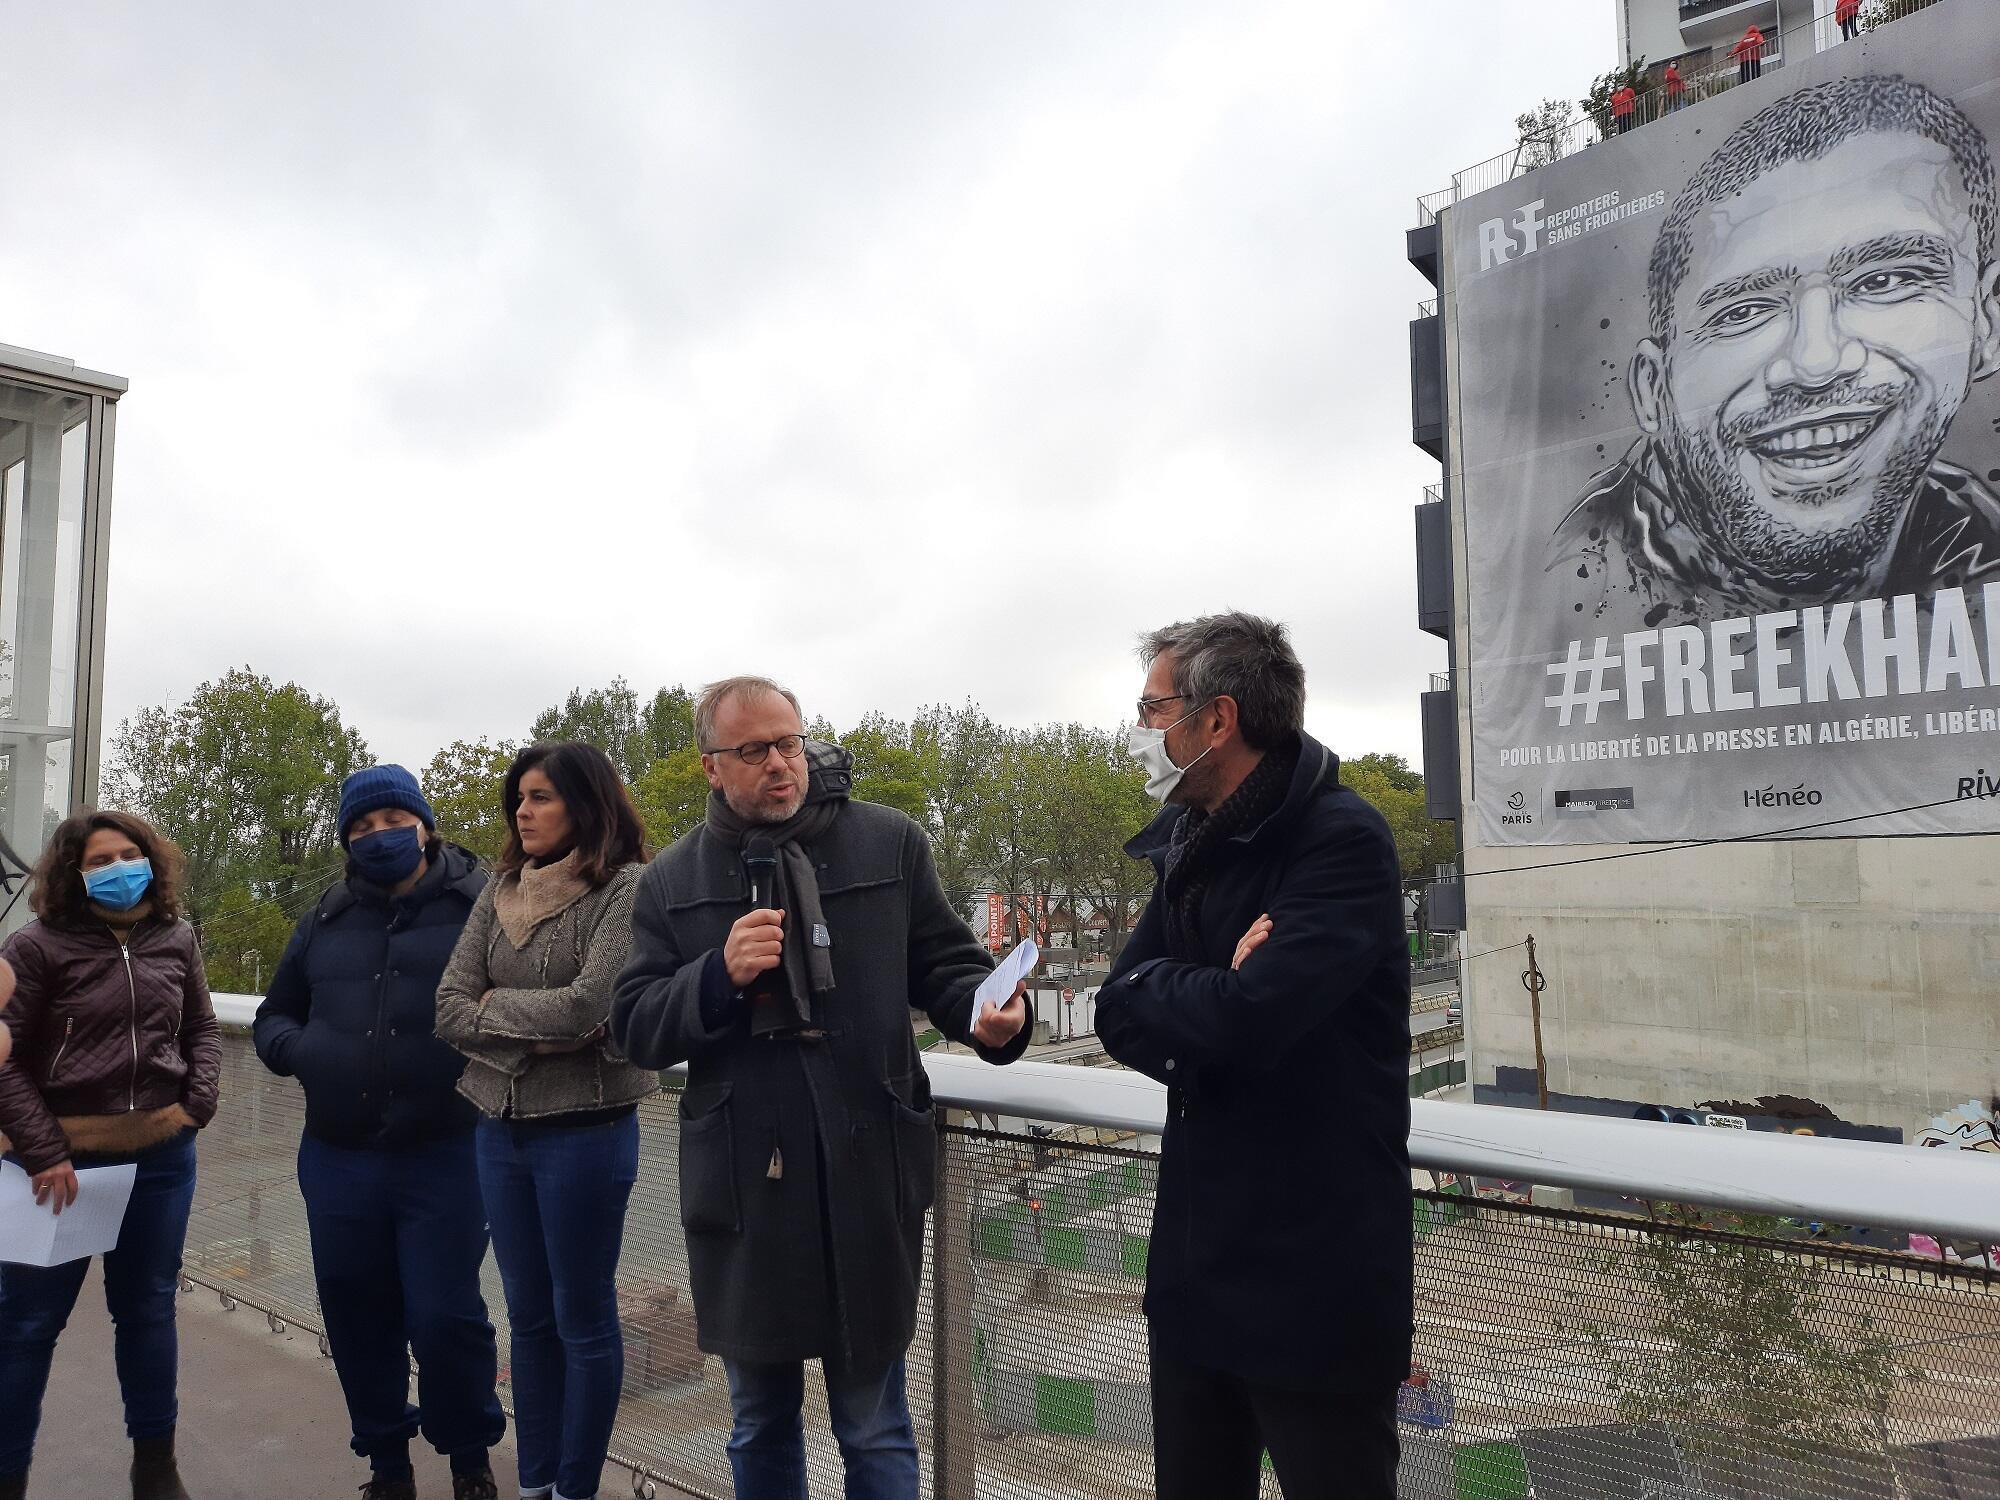 تظاهرة باريسية تضامنا مع الصحافي الجزائري خالد درارني (15 أكتوبر 2020)